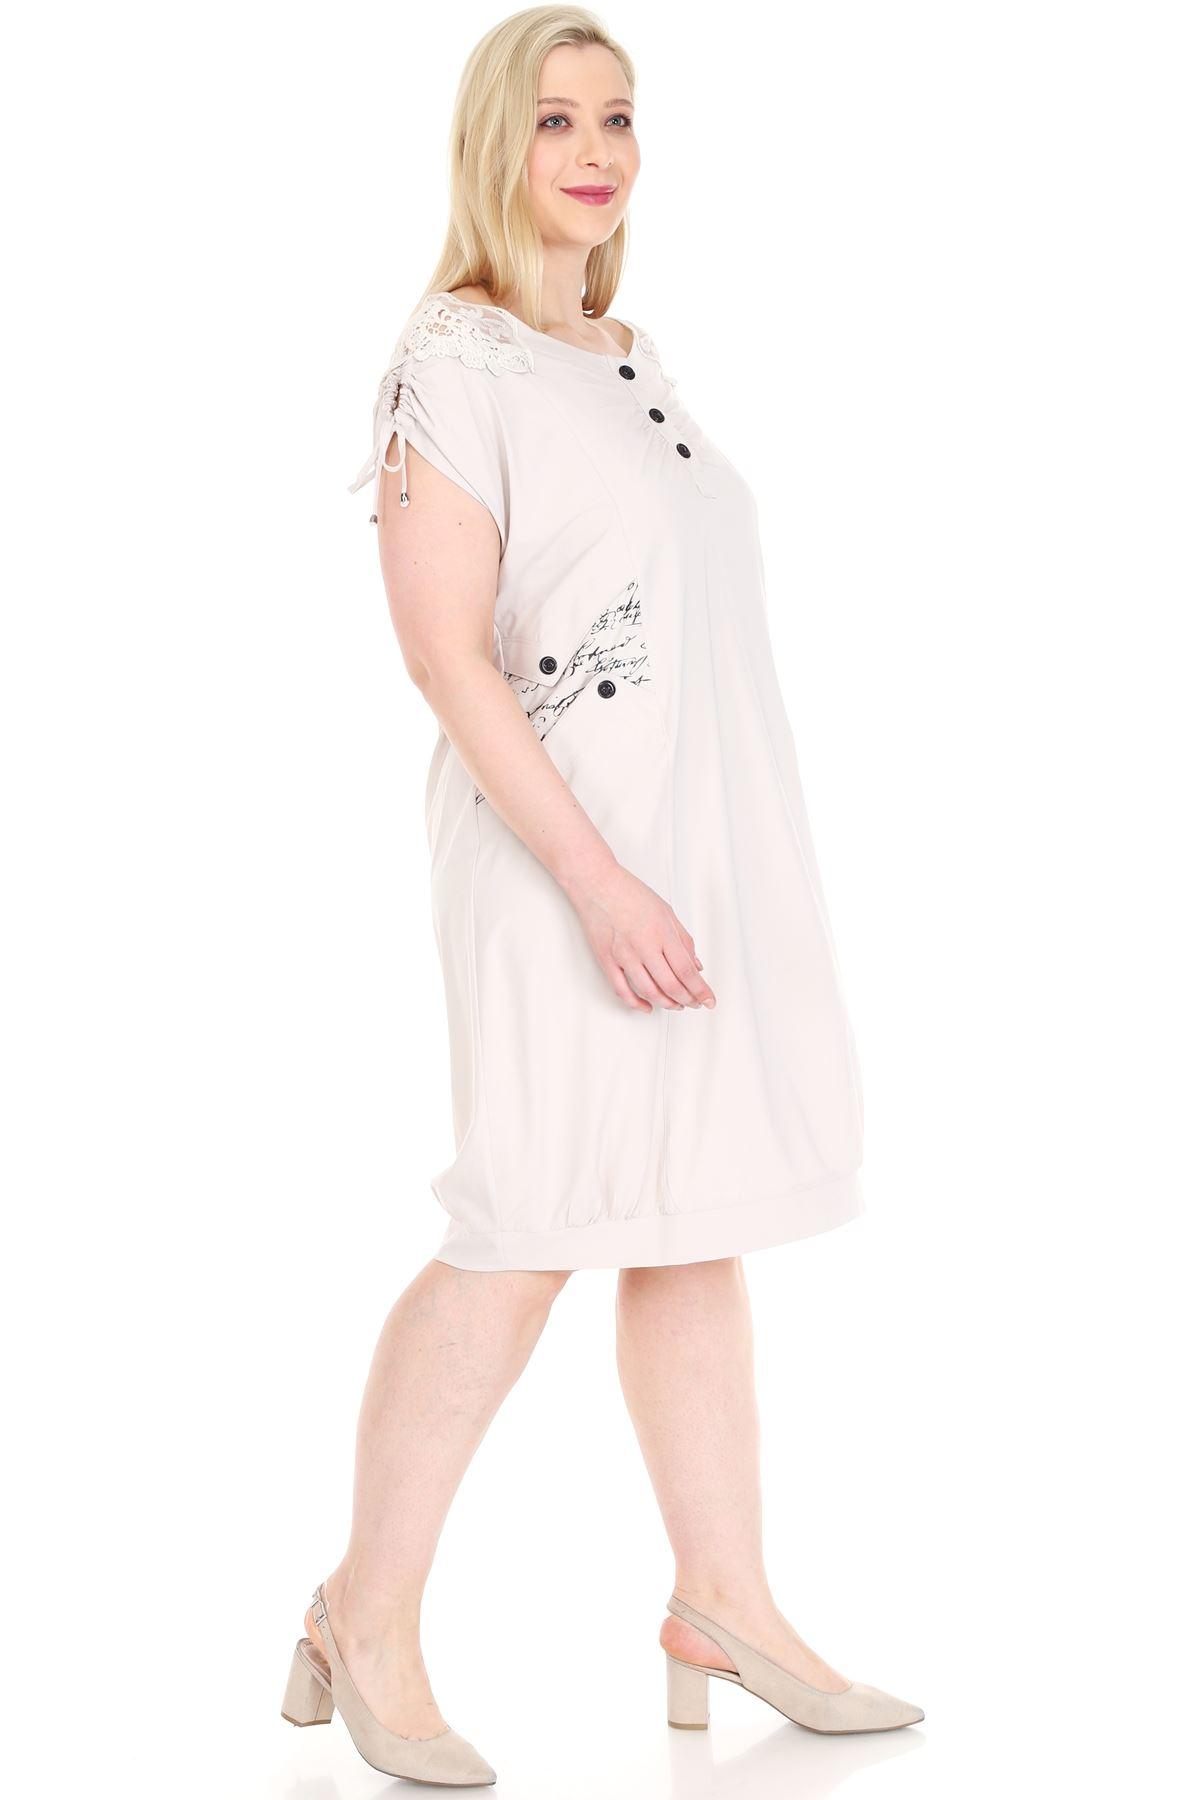 Gipürlü Bej Battal Beden Elbise 1D-0928